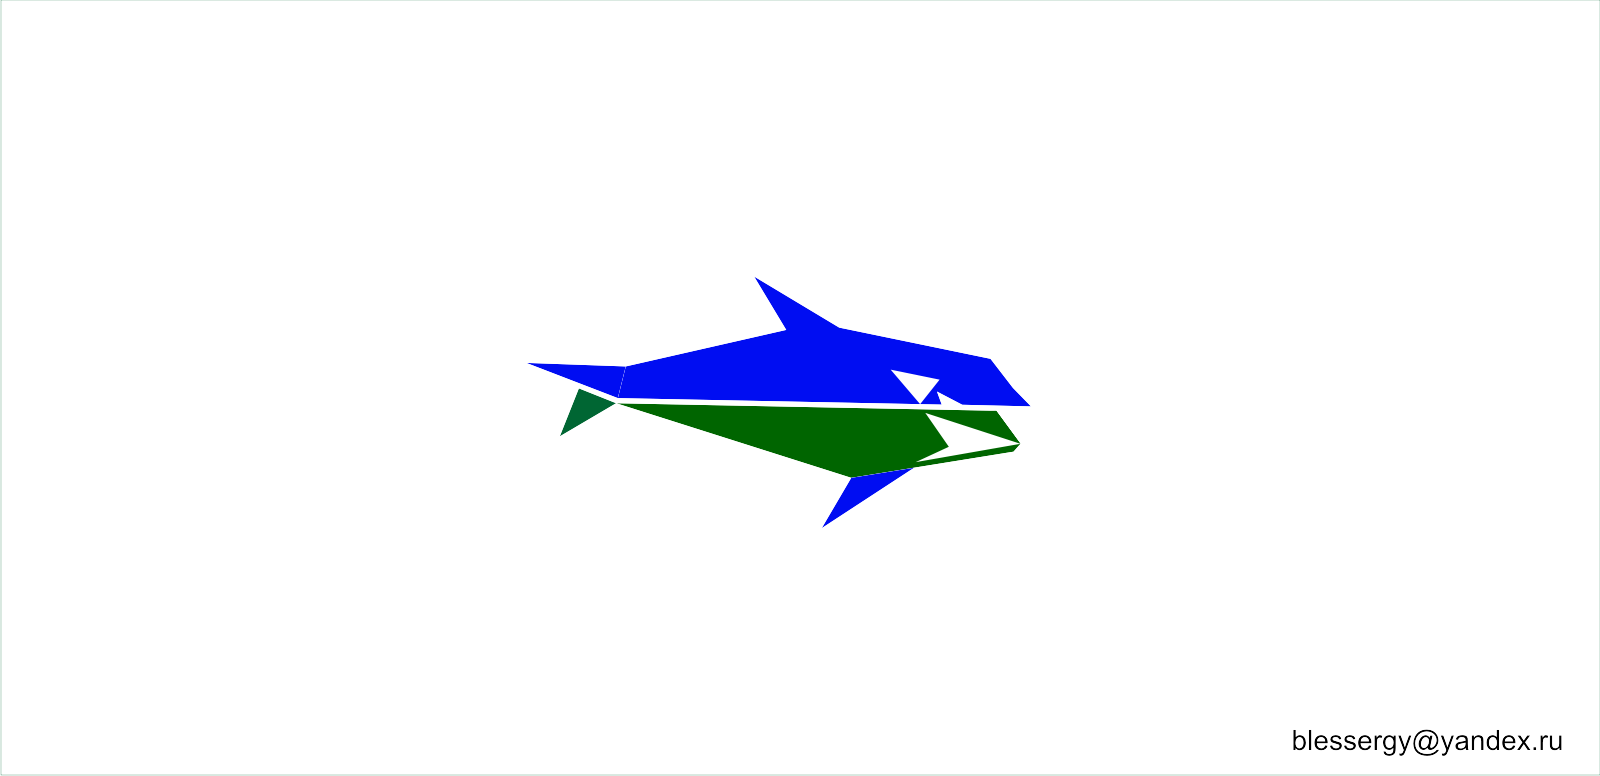 Разработка фирменного символа компании - касатки, НЕ ЛОГОТИП фото f_4495b03818b40aee.png